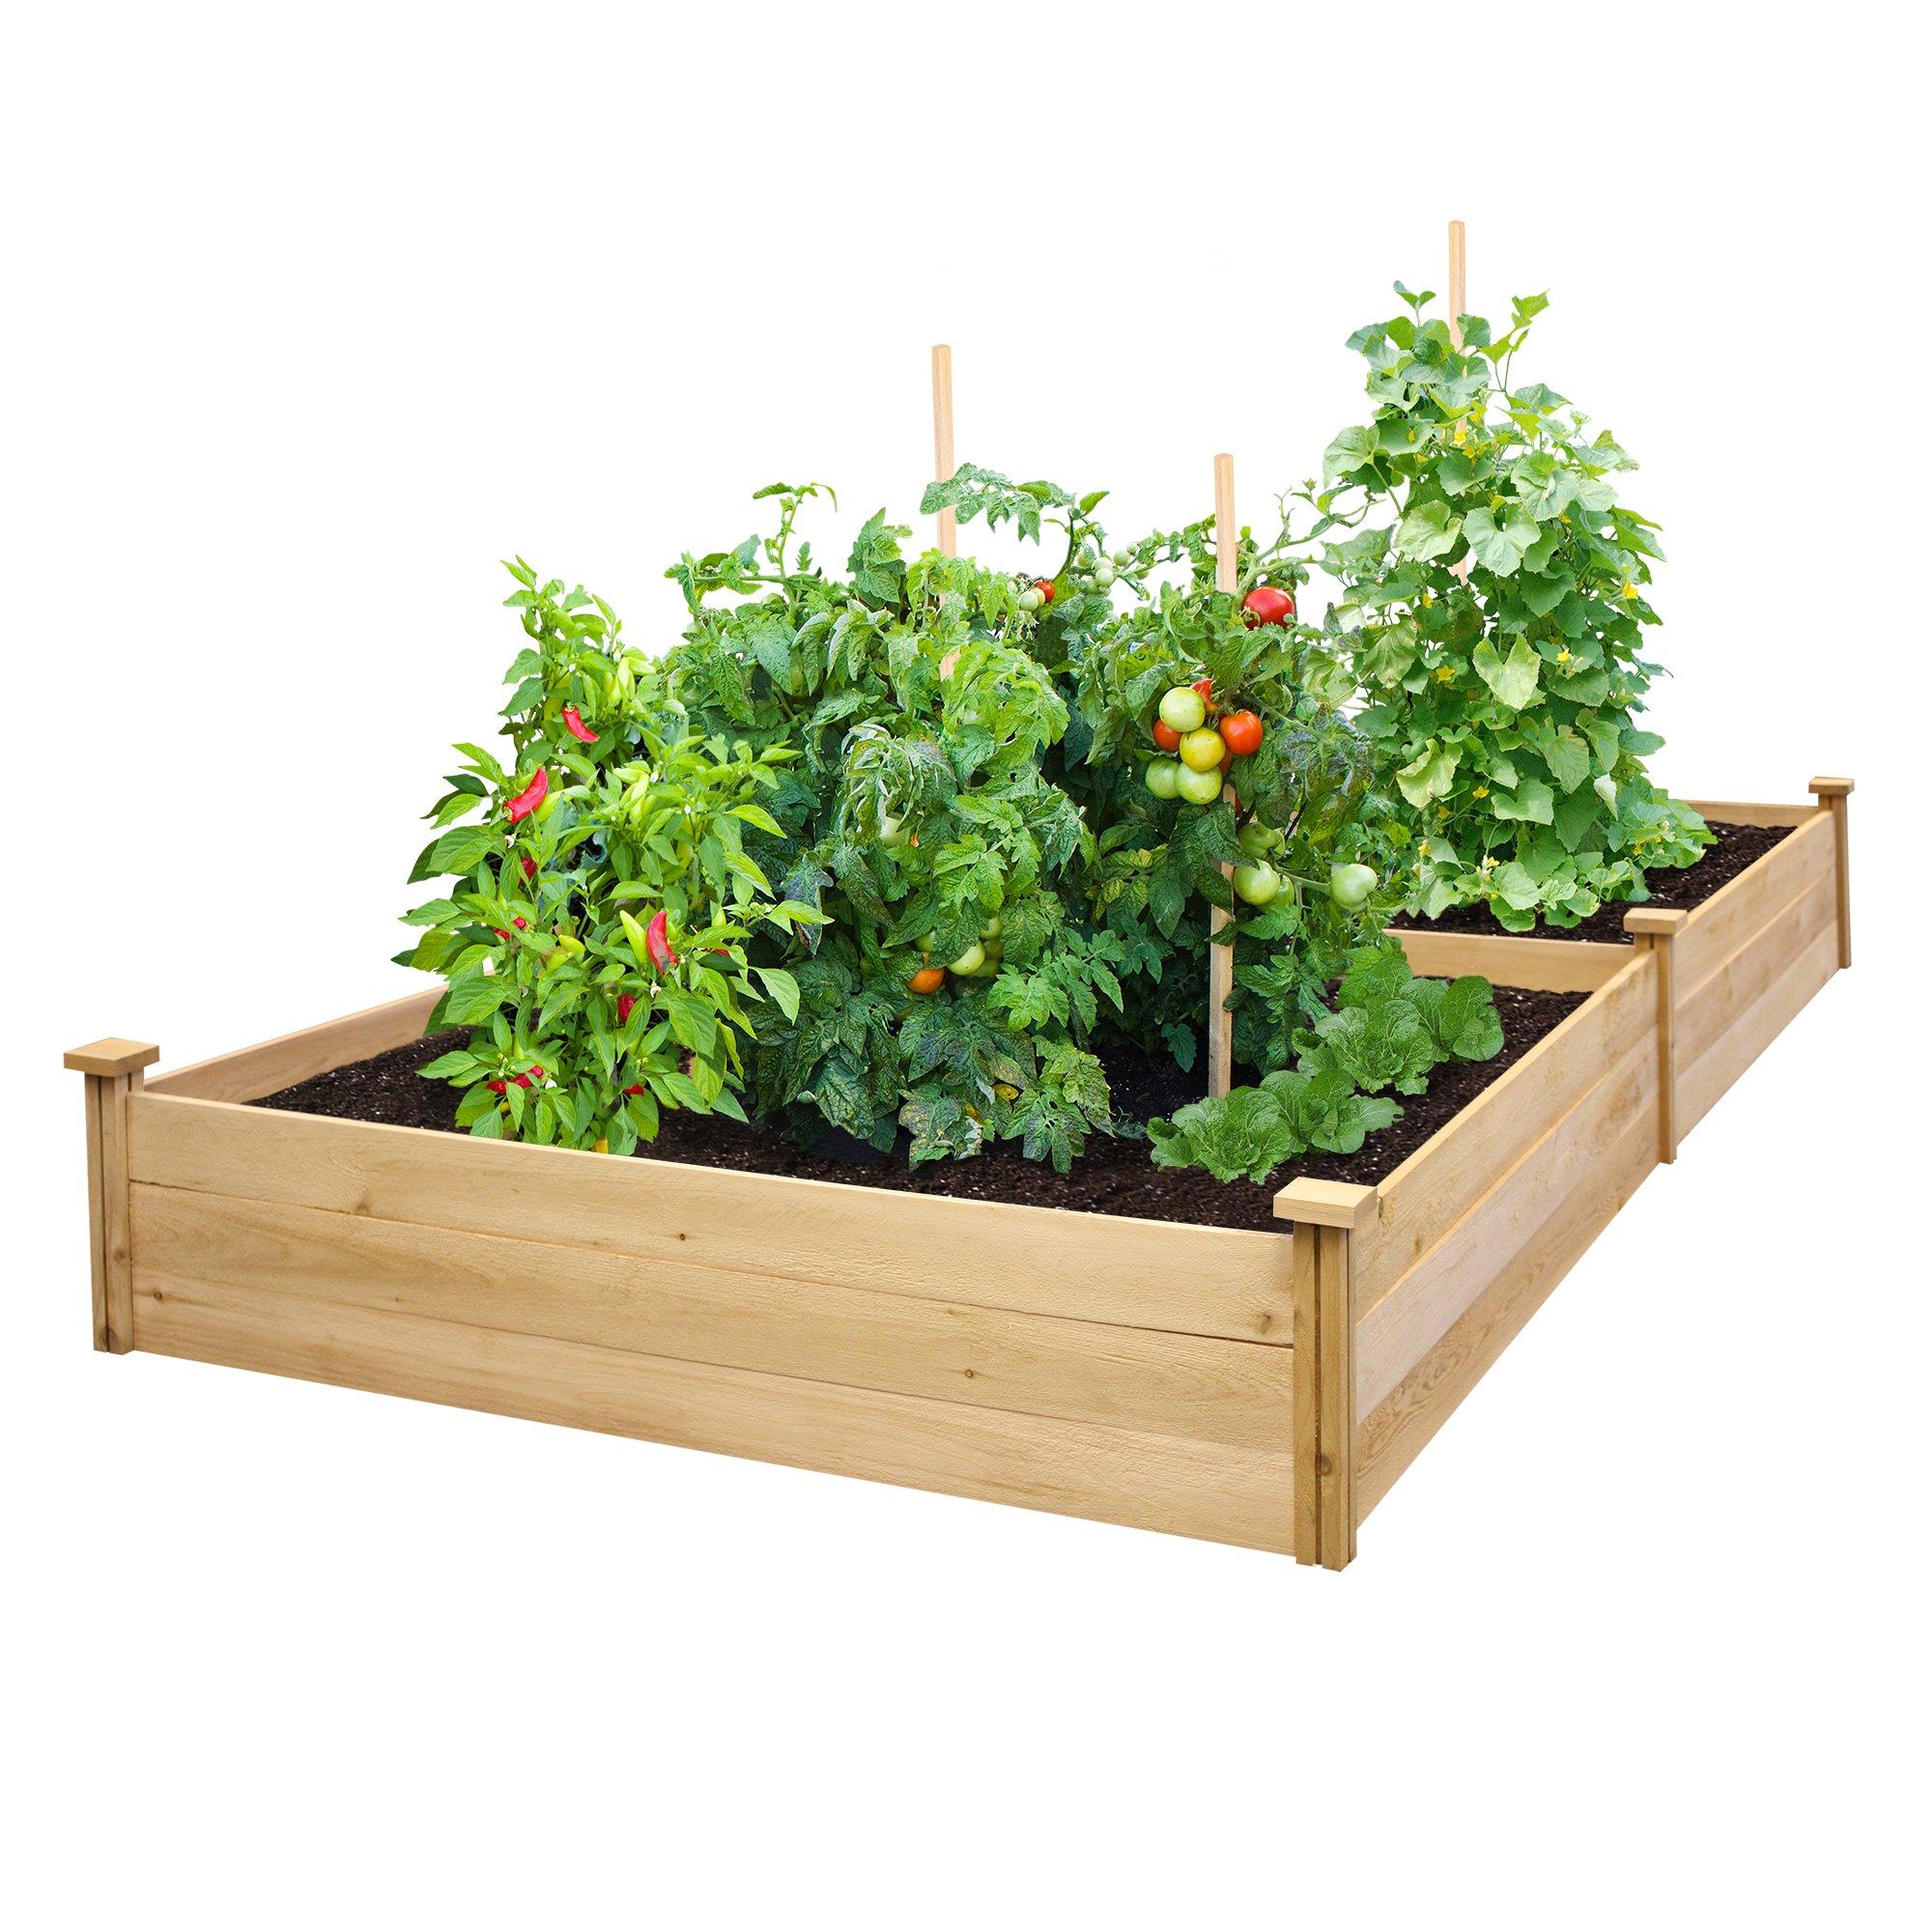 Best Value Cedar Raised Garden Bed Planter 48'' W x 96'' L x 10.5'' H